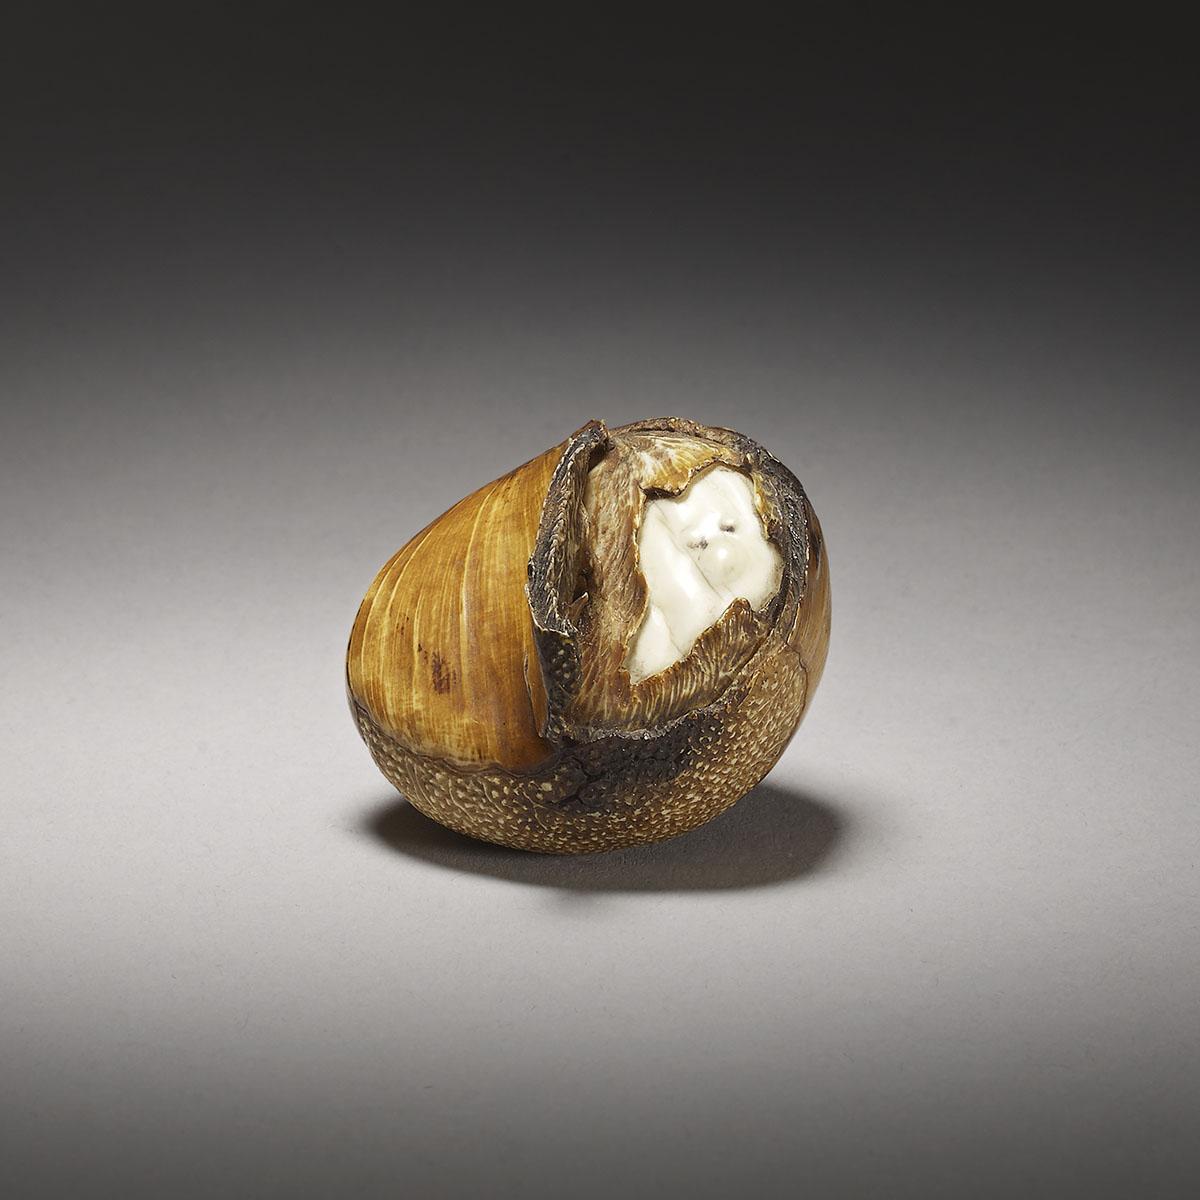 Rokuzan, a life size ivory okimono of a roasted chestnut